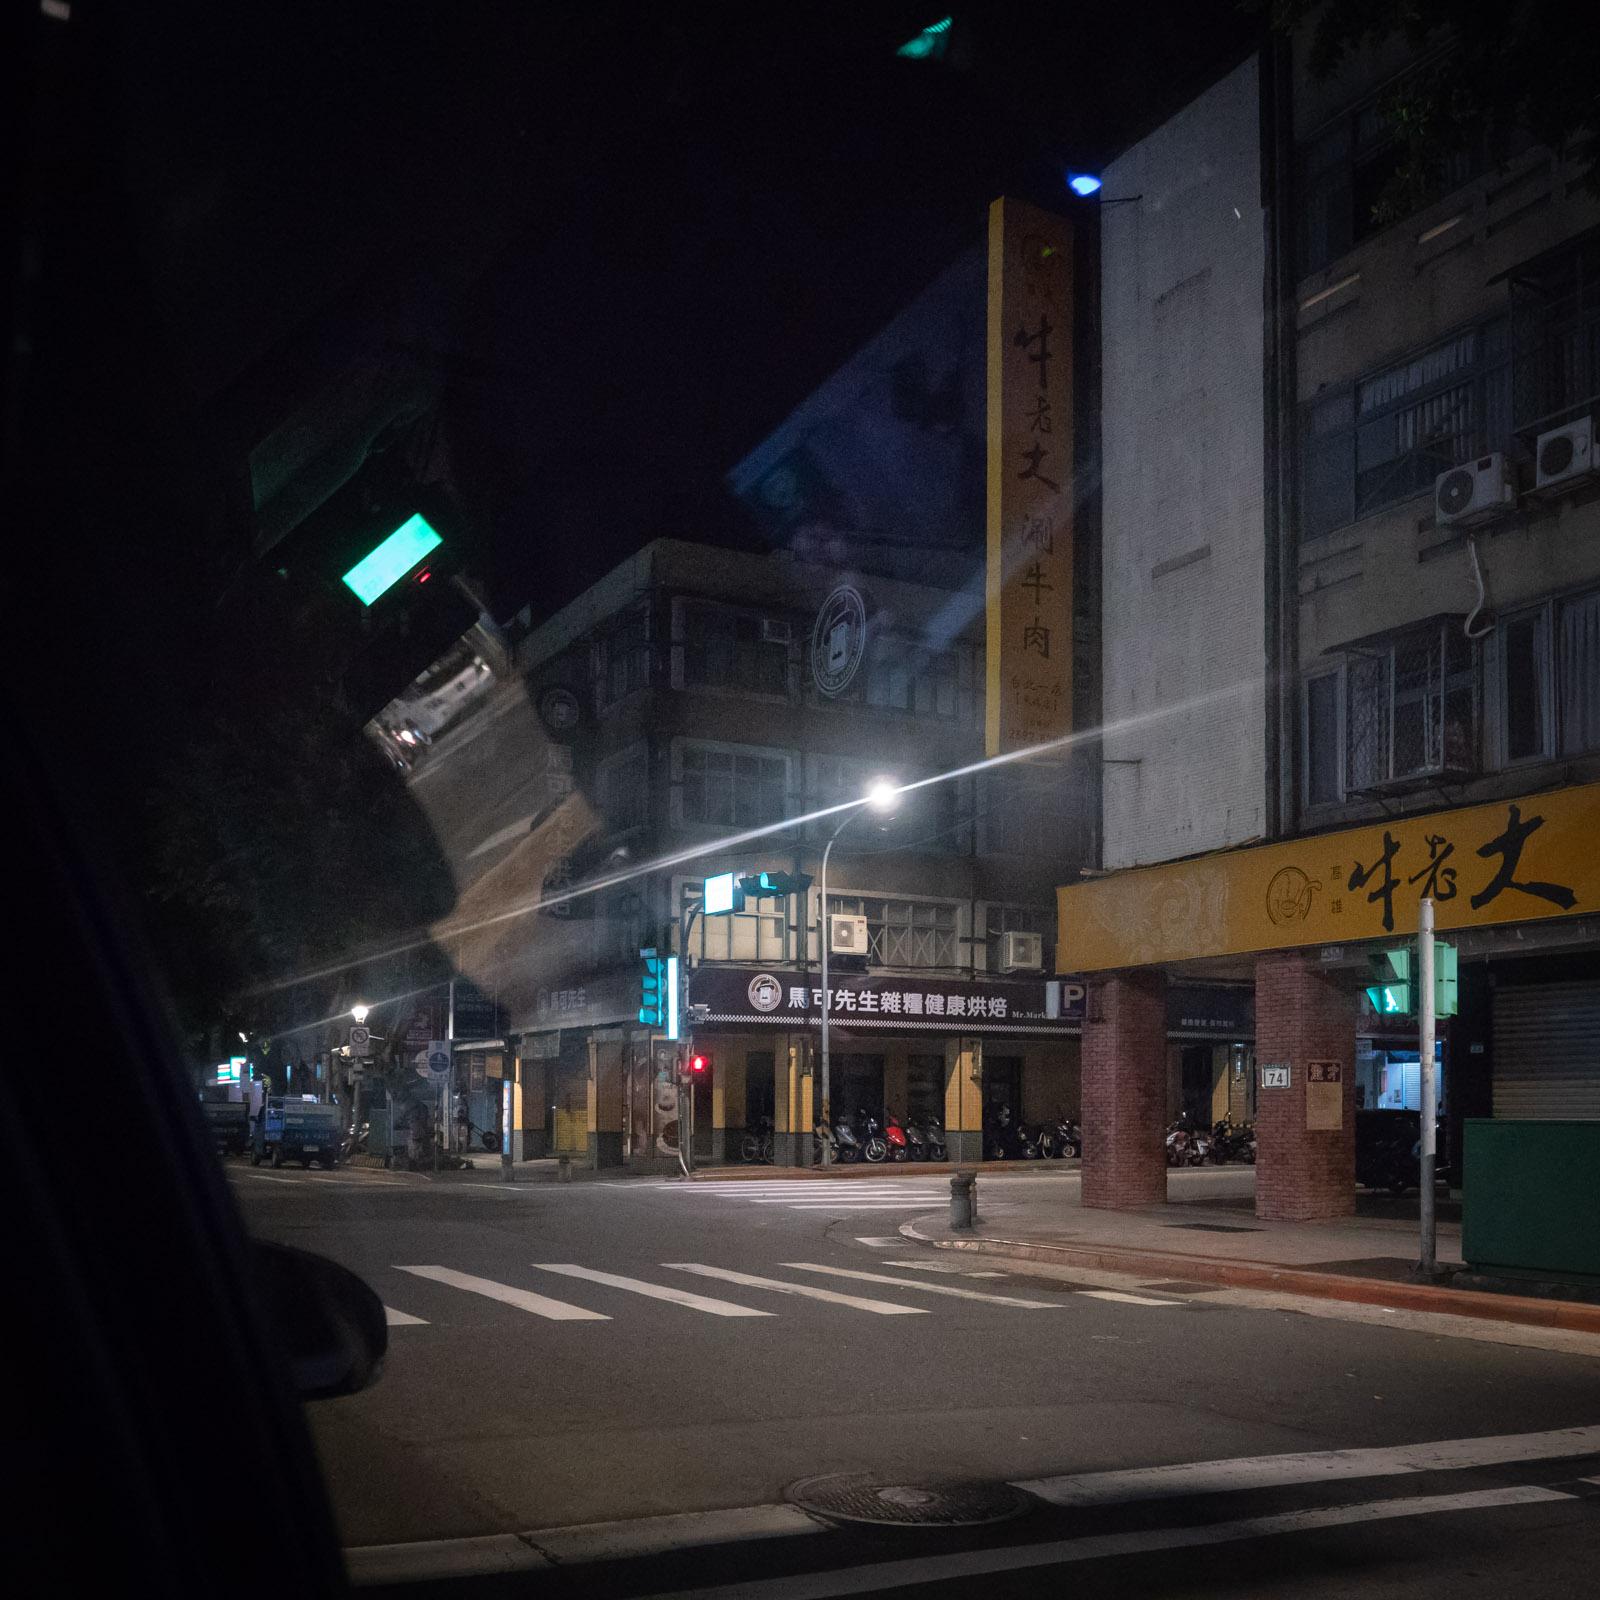 タクシーから眺める夜も明けきらぬ台北の街